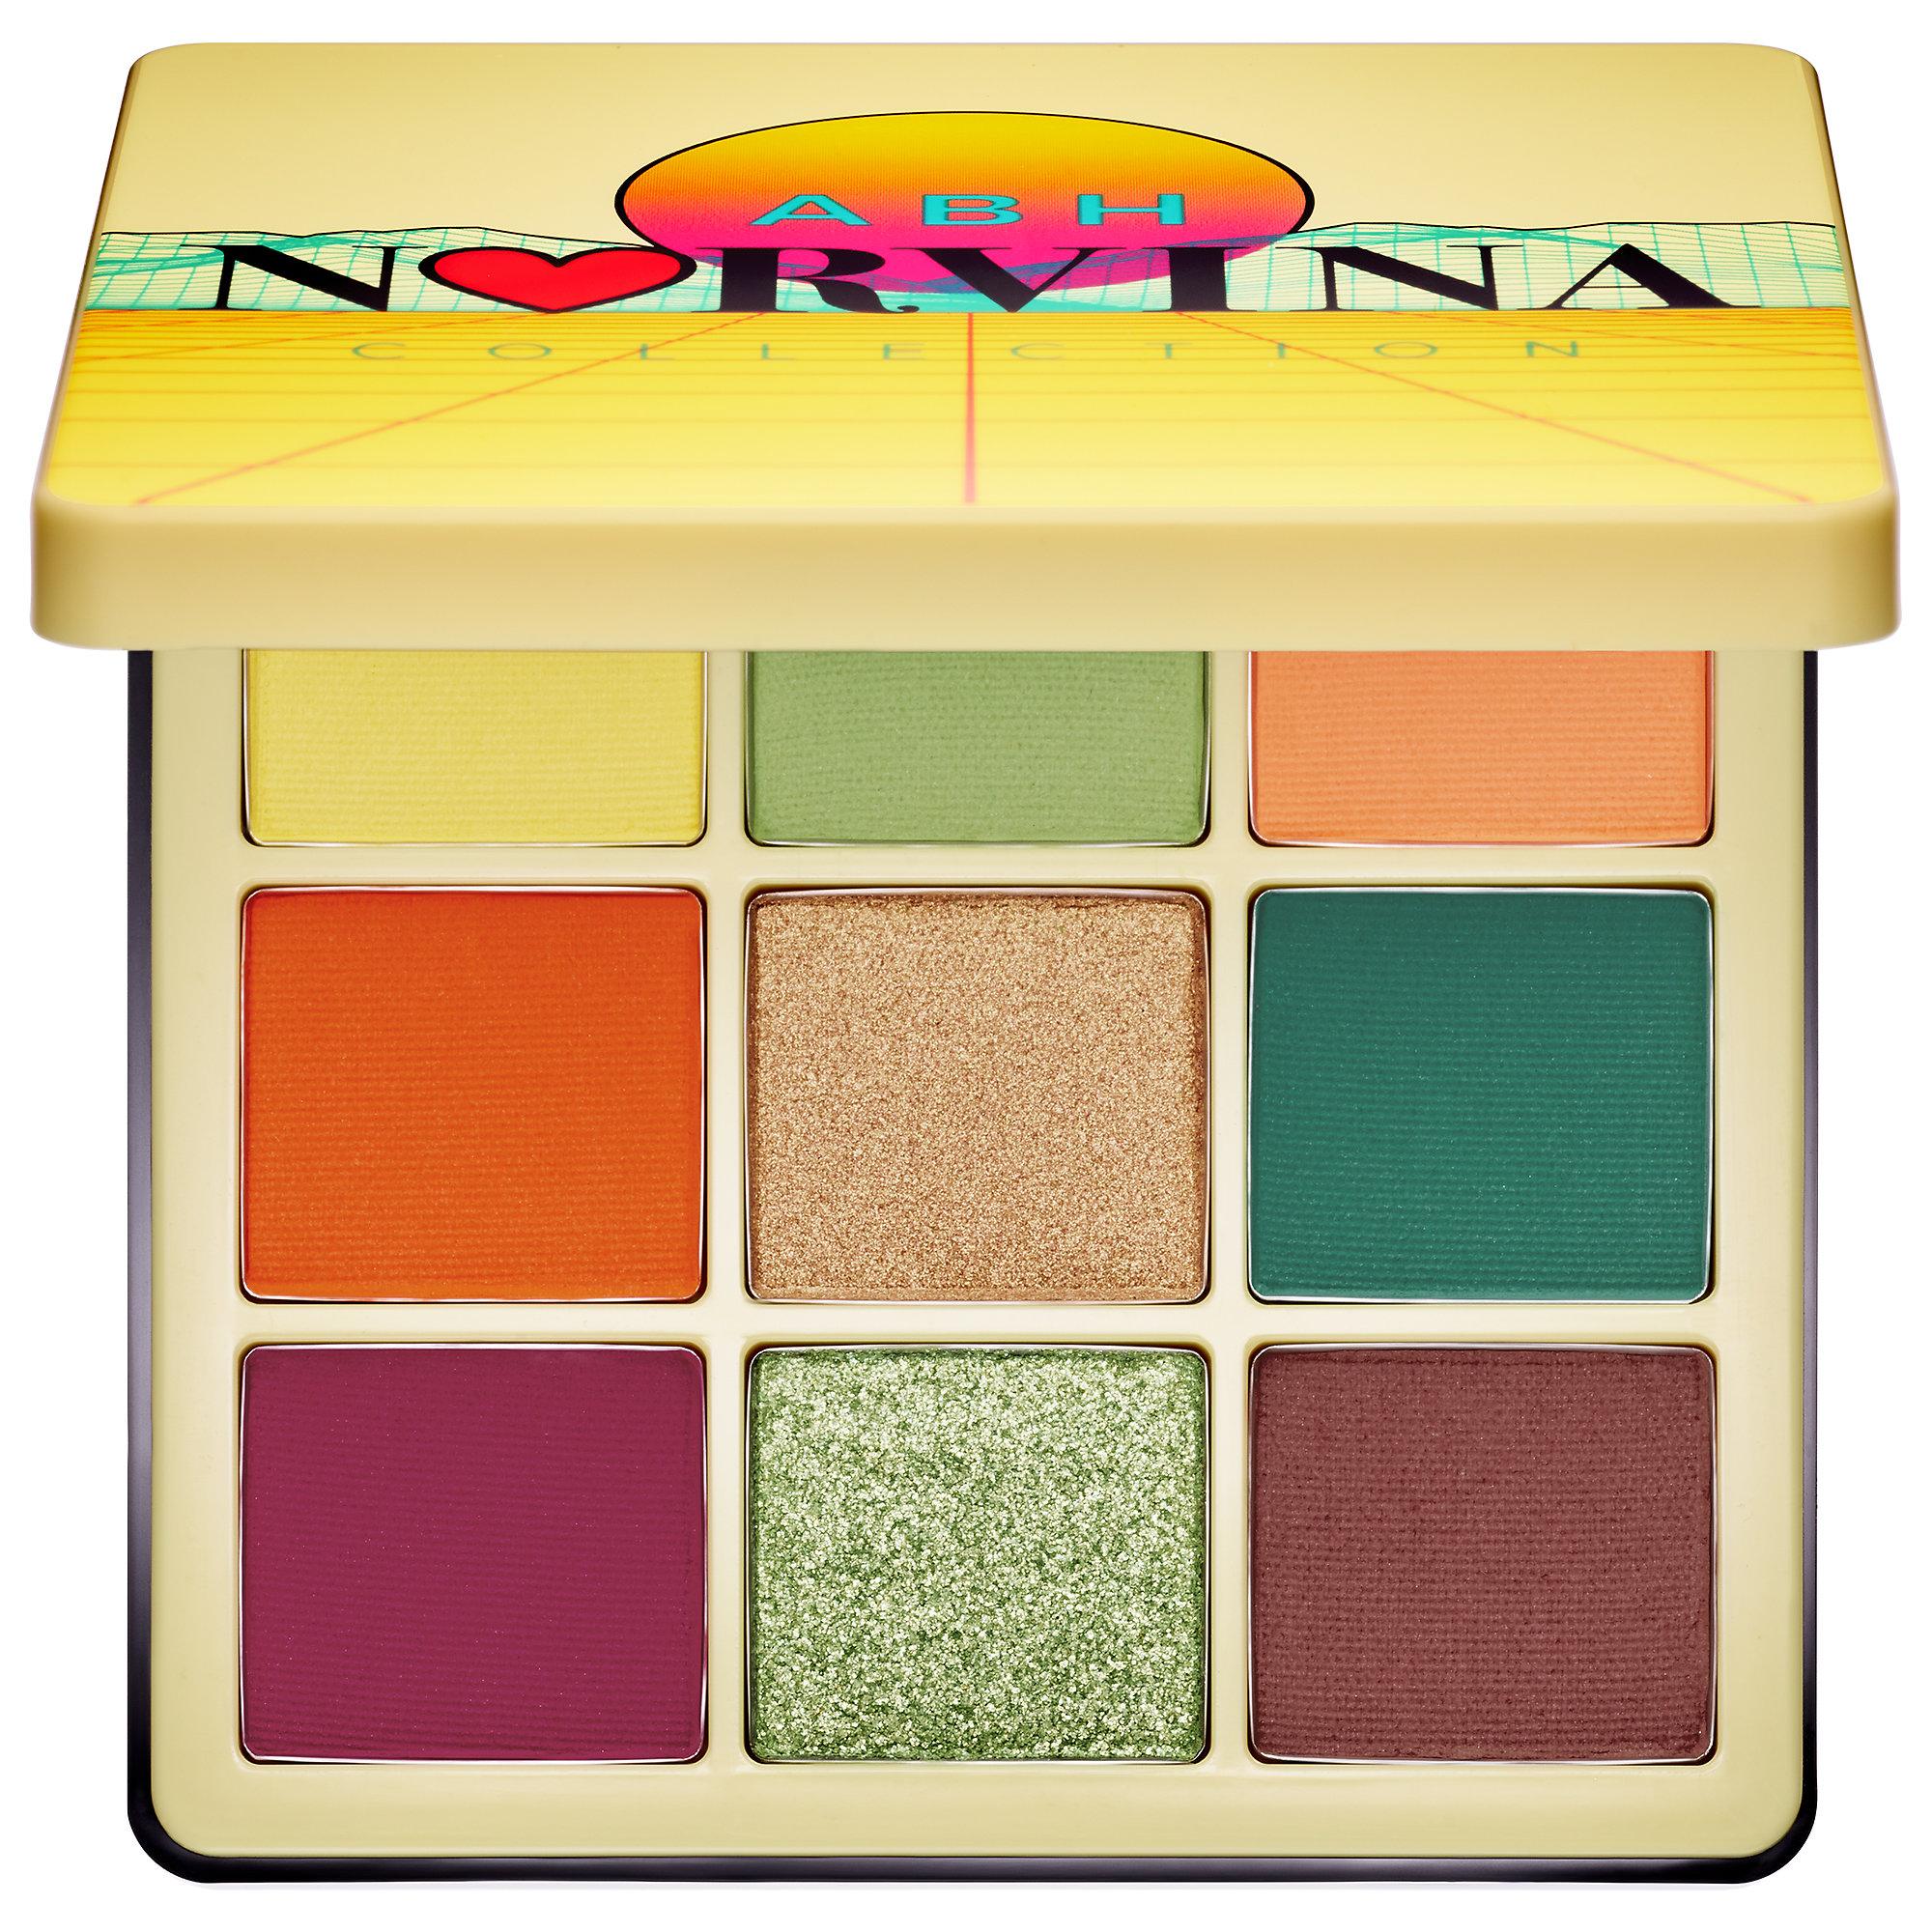 Anastasia Beverly Hills - Mini NORVINA® Pro Pigment Palette Vol. 2